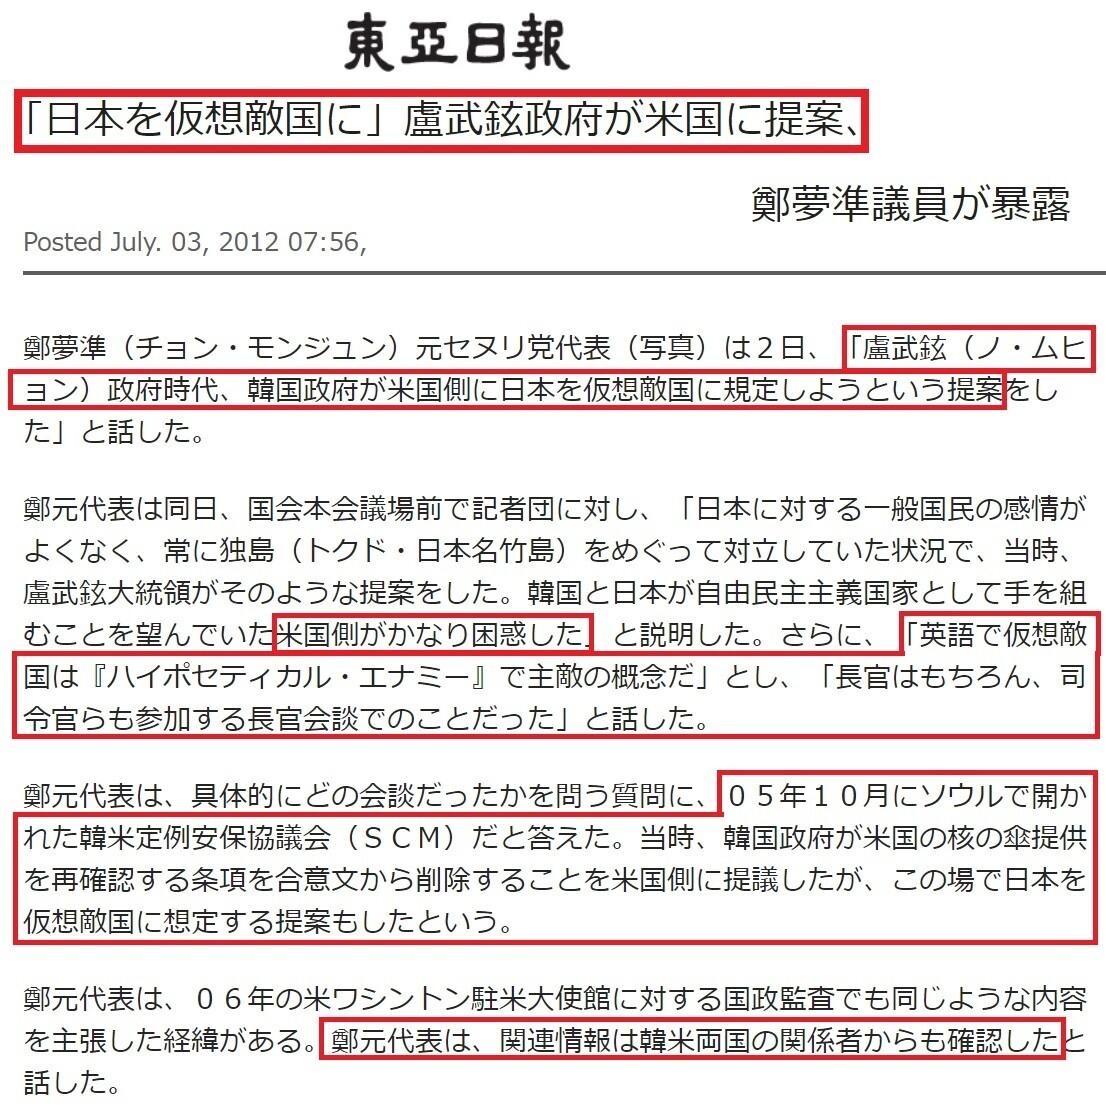 盧泰愚「日本を仮想敵国に」と米国に提案